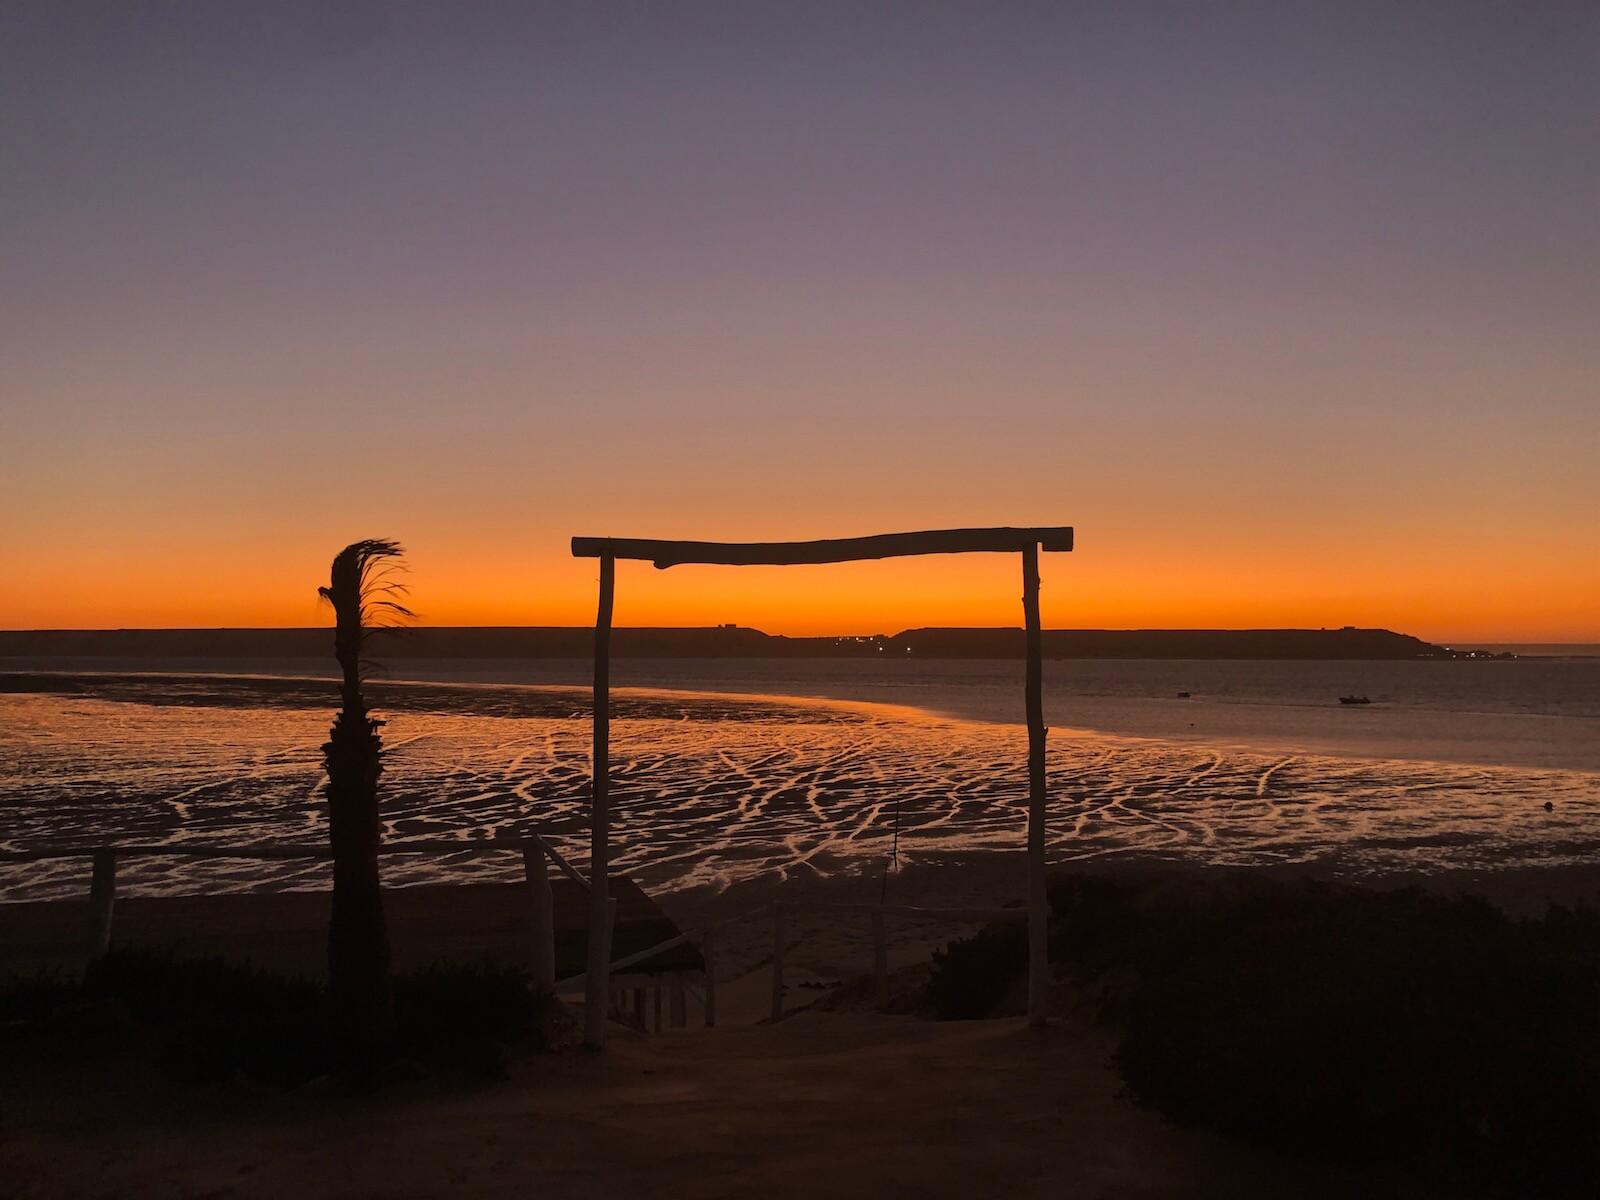 Sonnenaufgang Marokko Dakhla